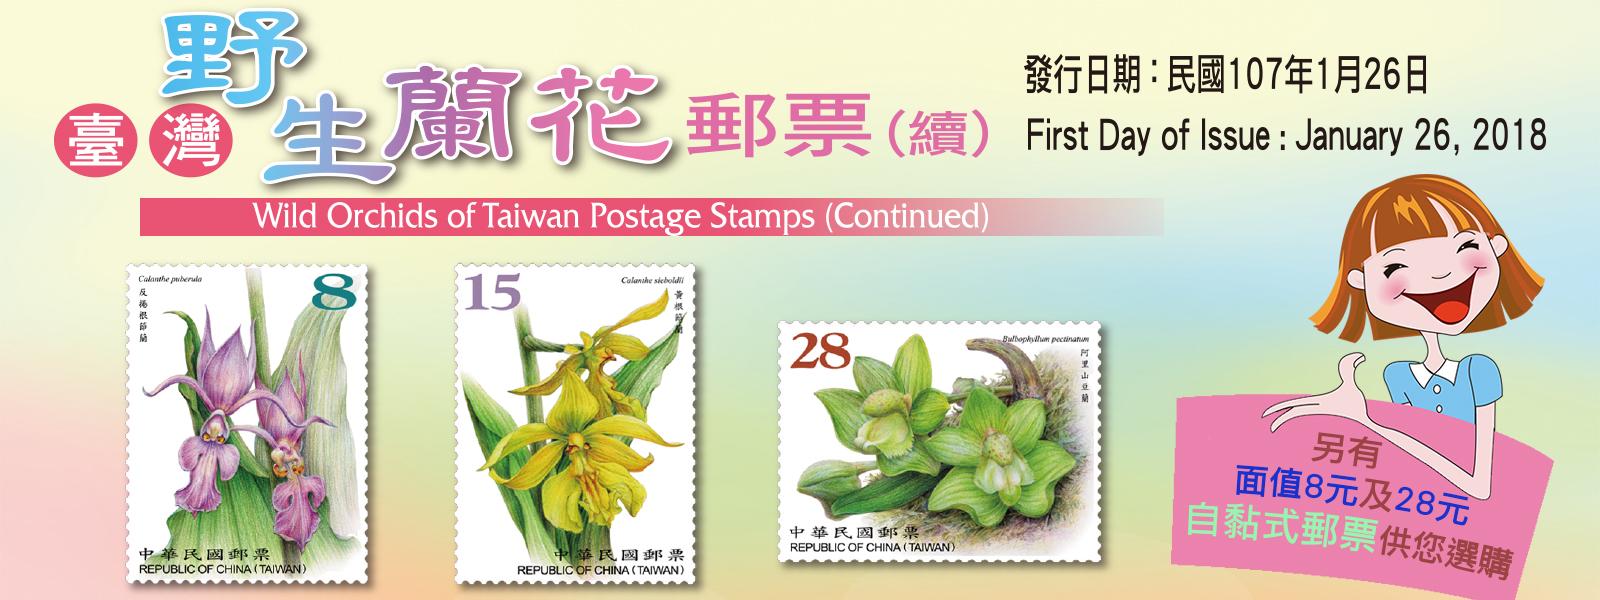 廣告連結:常 146 臺灣野生蘭花郵票(續)(另開視窗)